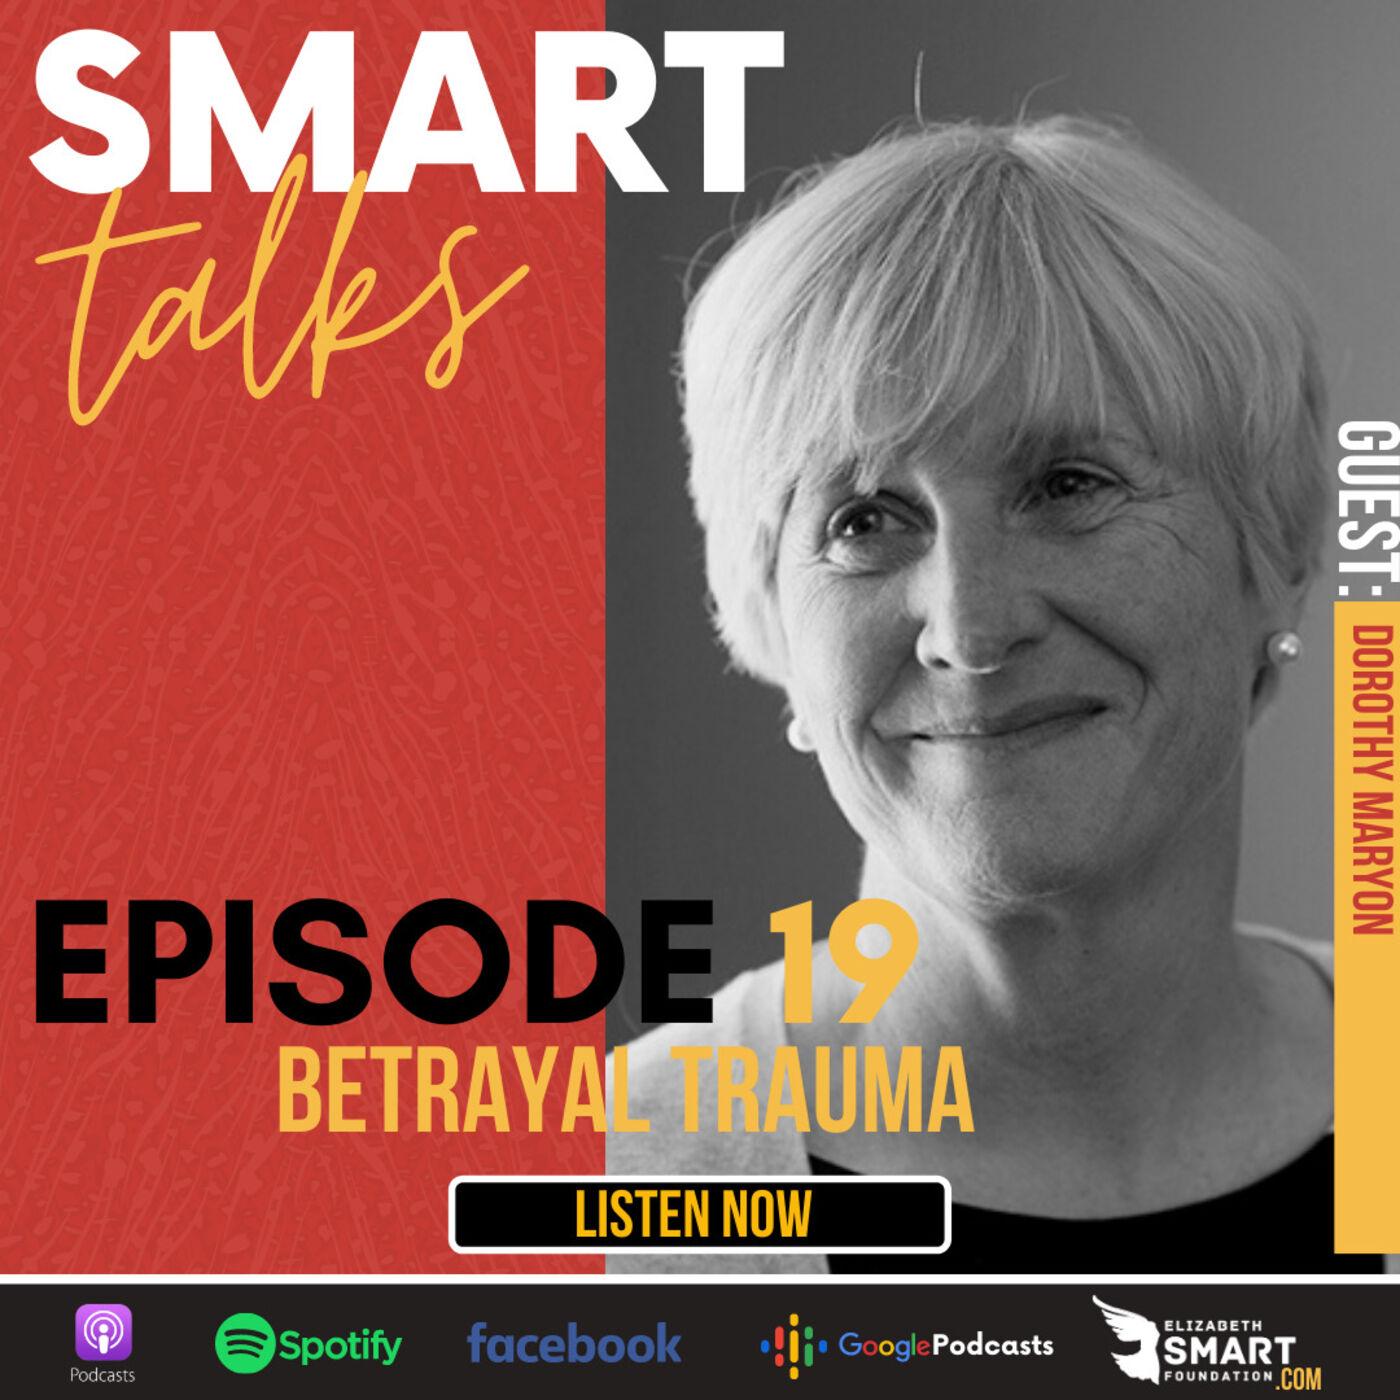 Episode 19: Betrayal Trauma